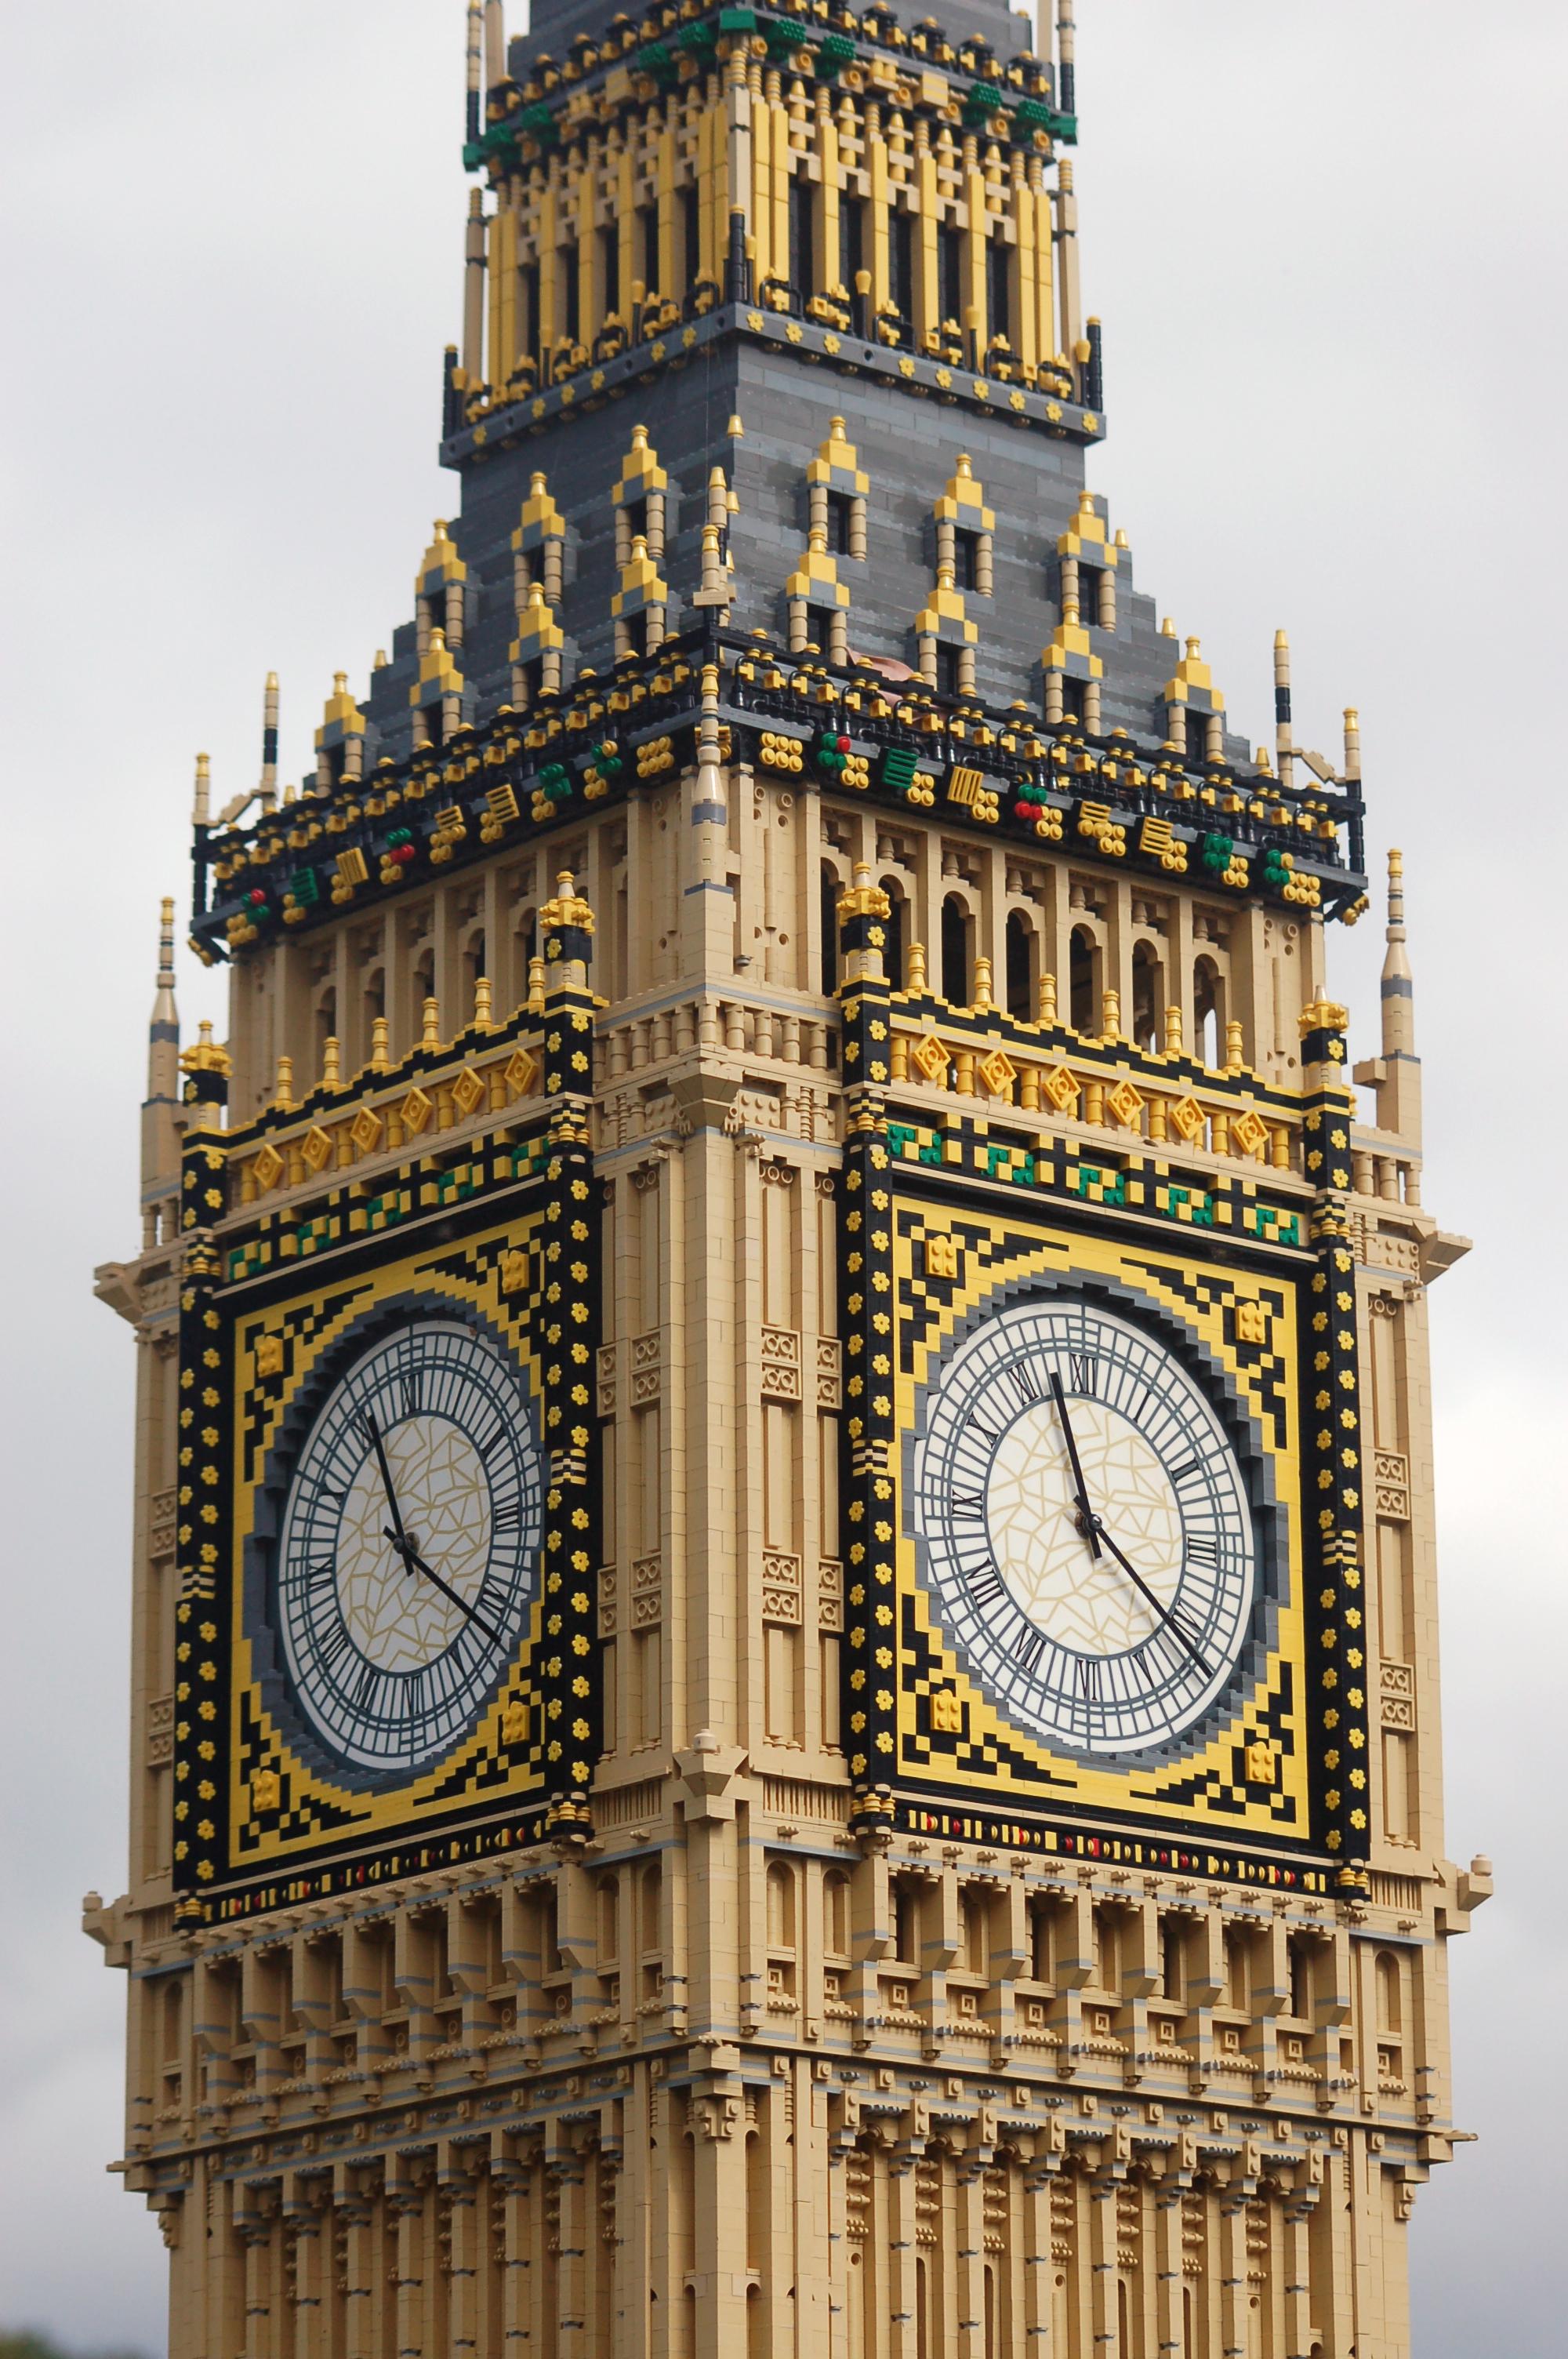 hvad er klokken i london